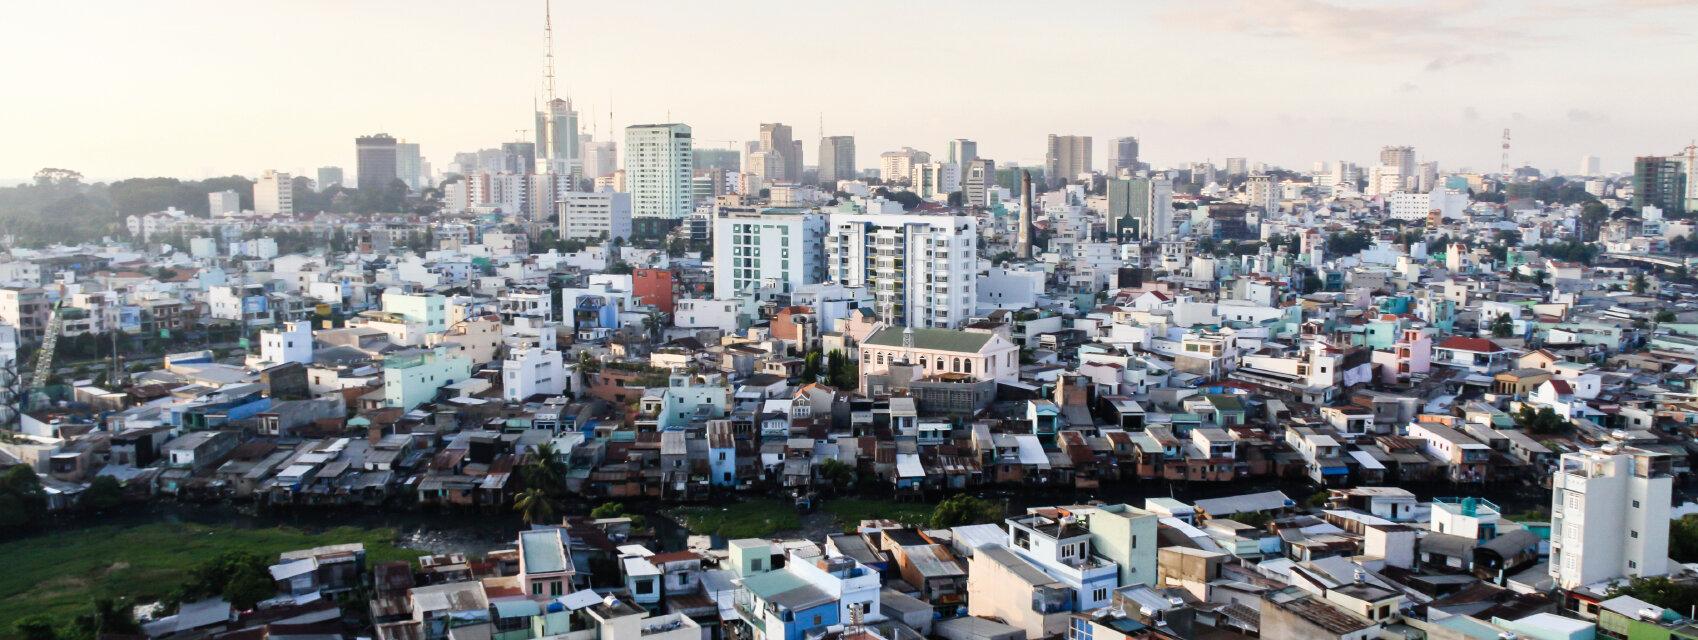 Поиск отелей в Хошимине